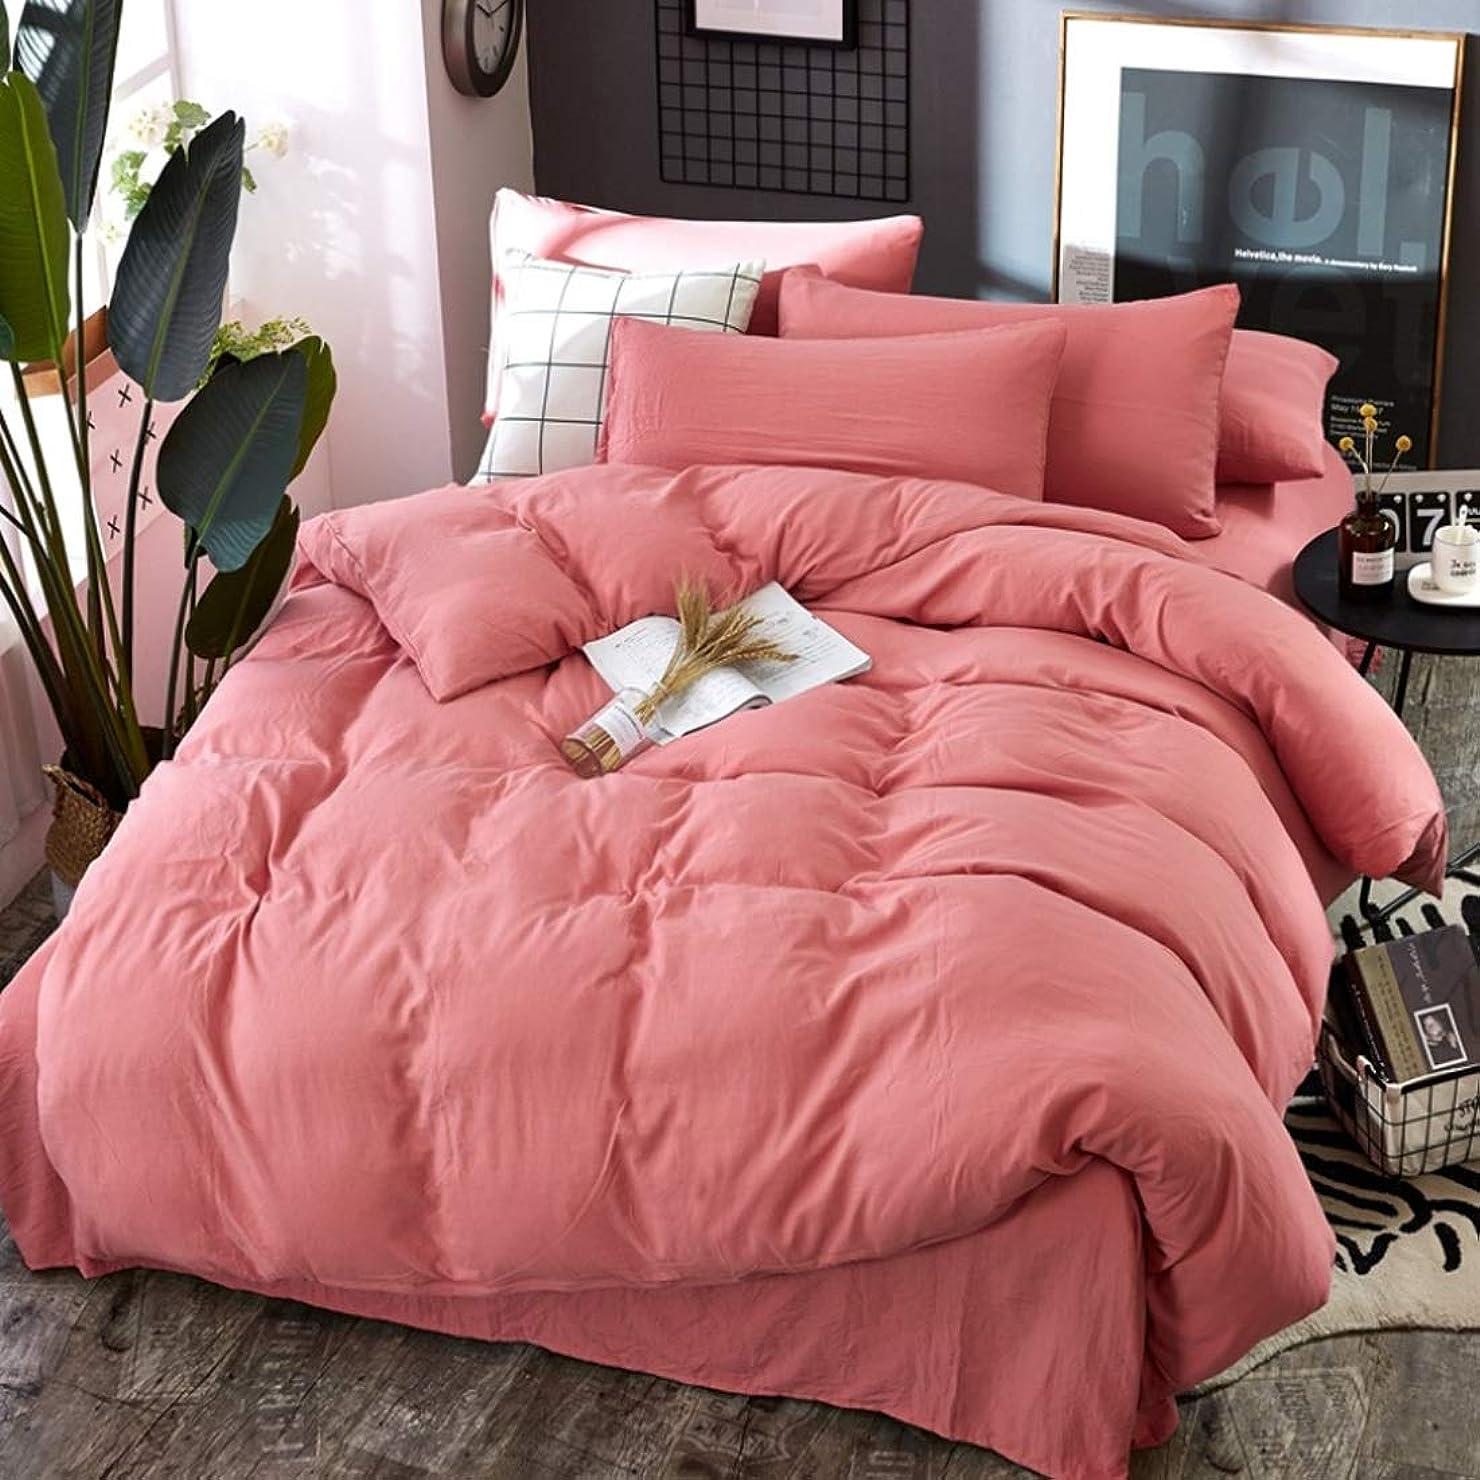 主要な記念オープニングFELICIAAA ホームインテリアに適した4つのコットンハイグレード高密度ブラッシングベッドリネンピローケースのベッドのベッドセットの4つのセット (色 : ピンク, サイズ : 180*220CM)